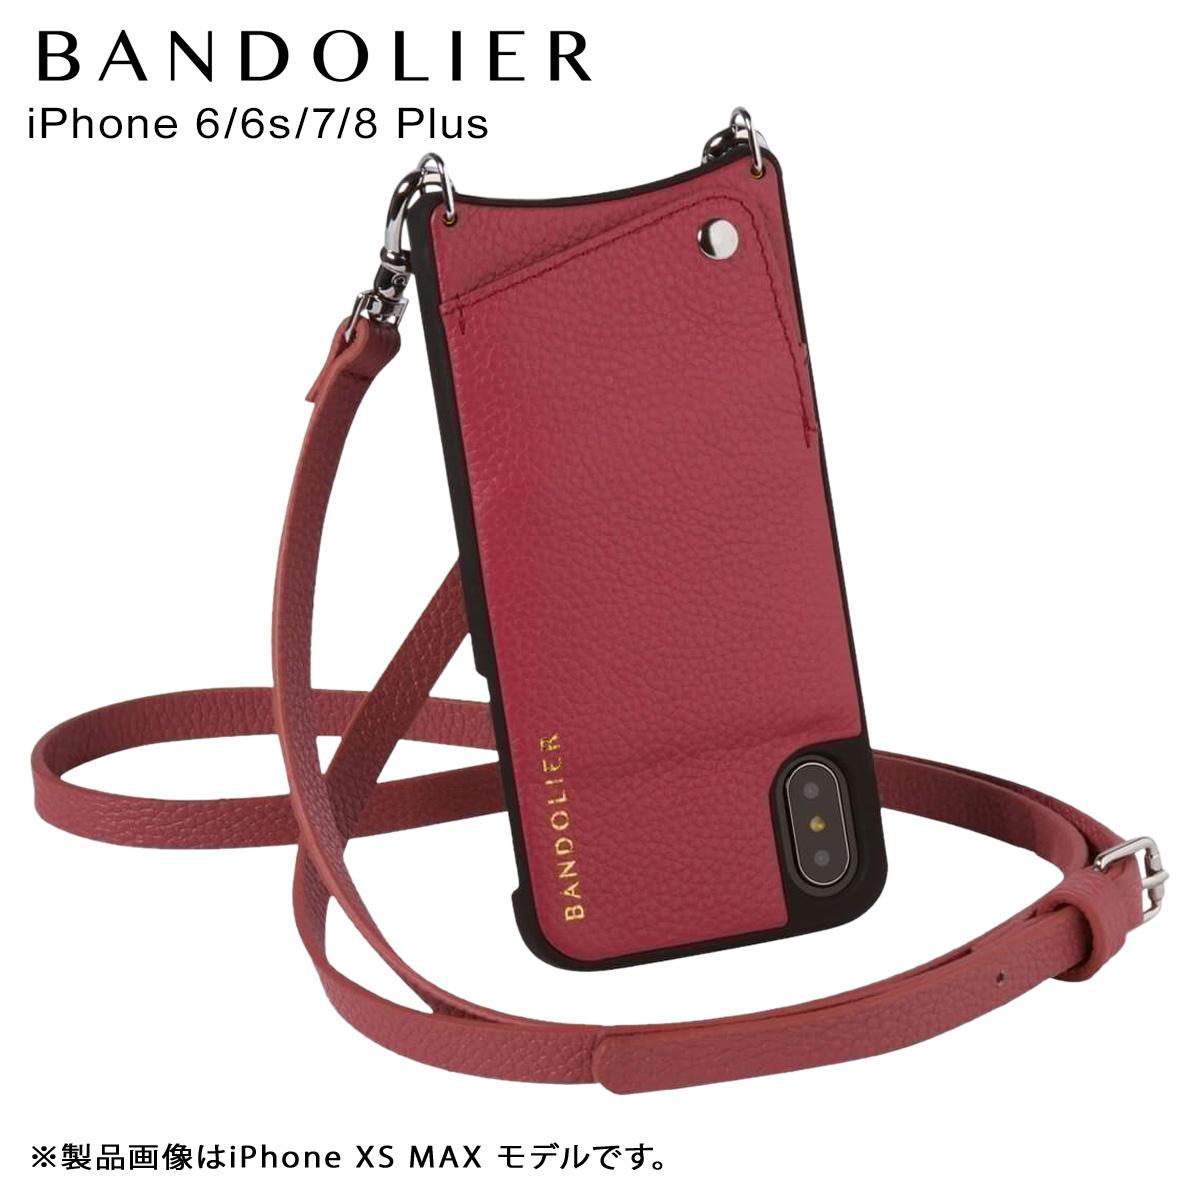 バンドリヤー BANDOLIER iPhone 6 6s 7 8 Plus ケース ショルダー スマホ アイフォン レザー EMMA MAGENTA RED メンズ レディース マゼンタ レッド 赤 10EMM1001